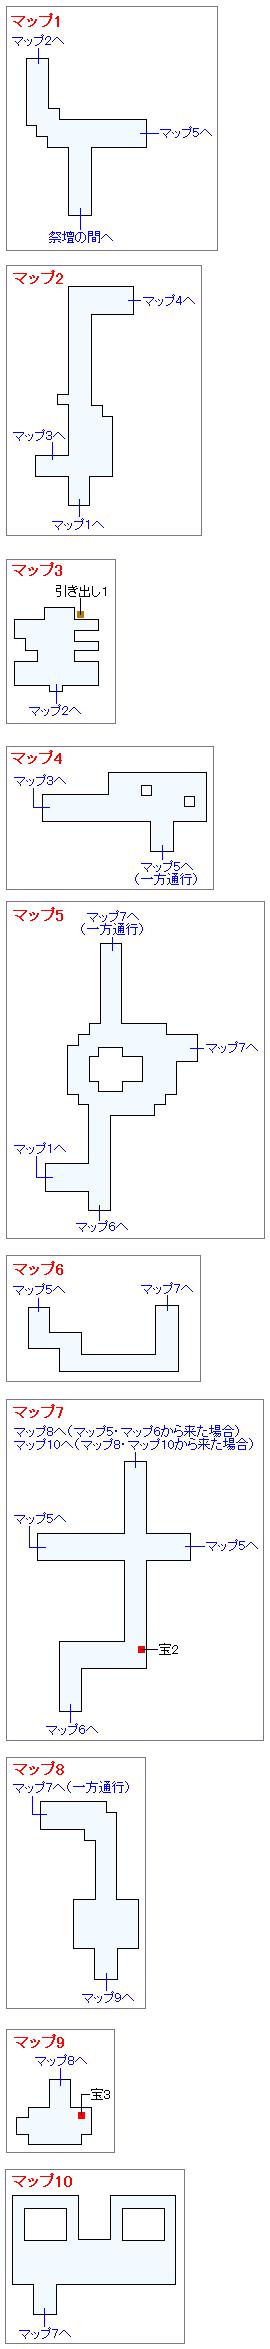 迷いの森(V:天空の花嫁の祭壇)のマップ画像